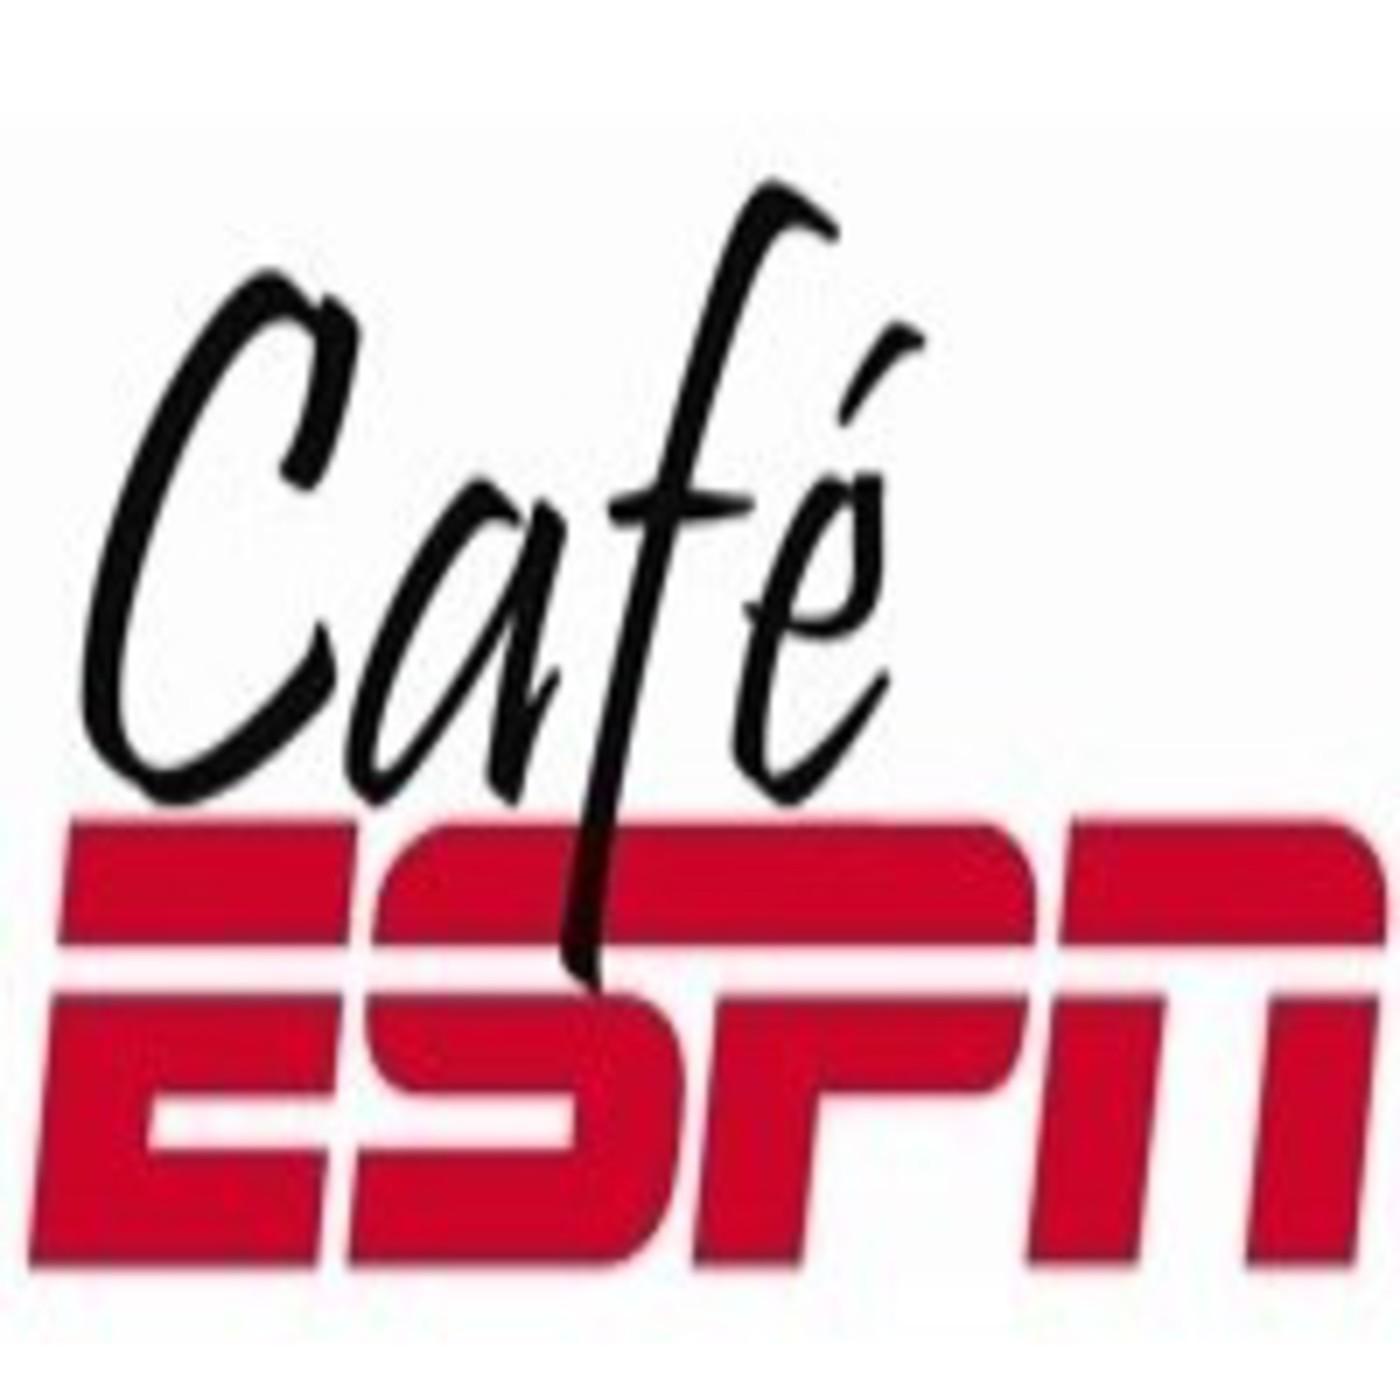 Cafe ESPN 09-17-13